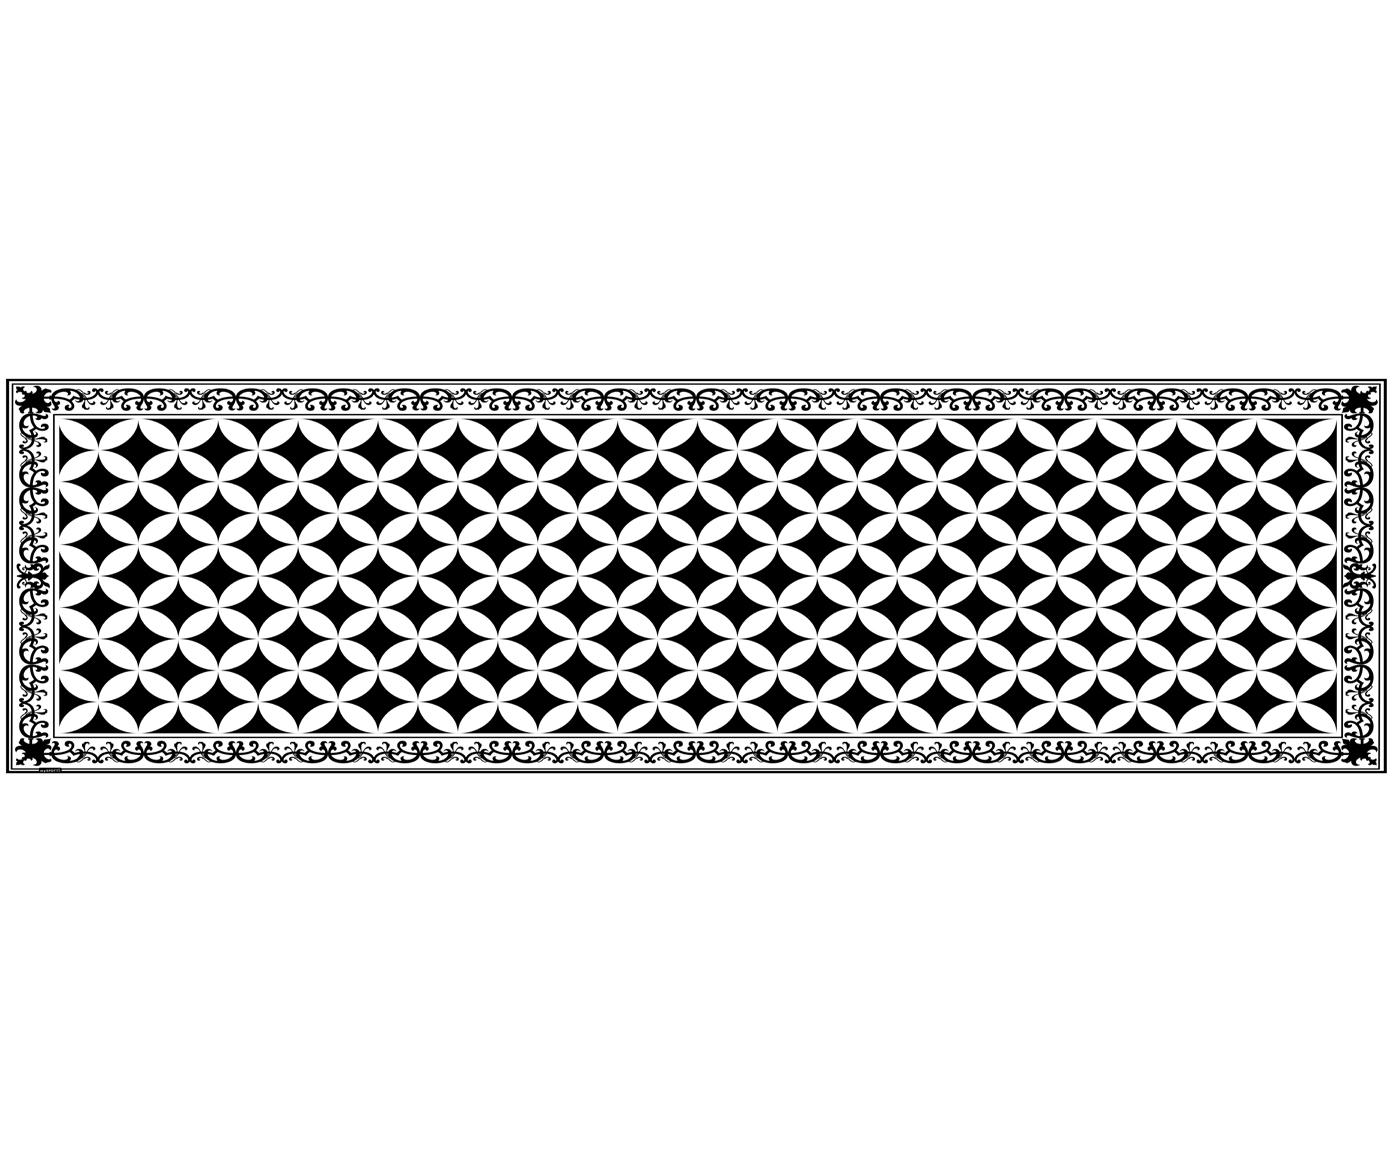 Mata podłogowa z winylu Chadi, Winyl, Czarny, biały, S 65 x D 255 cm